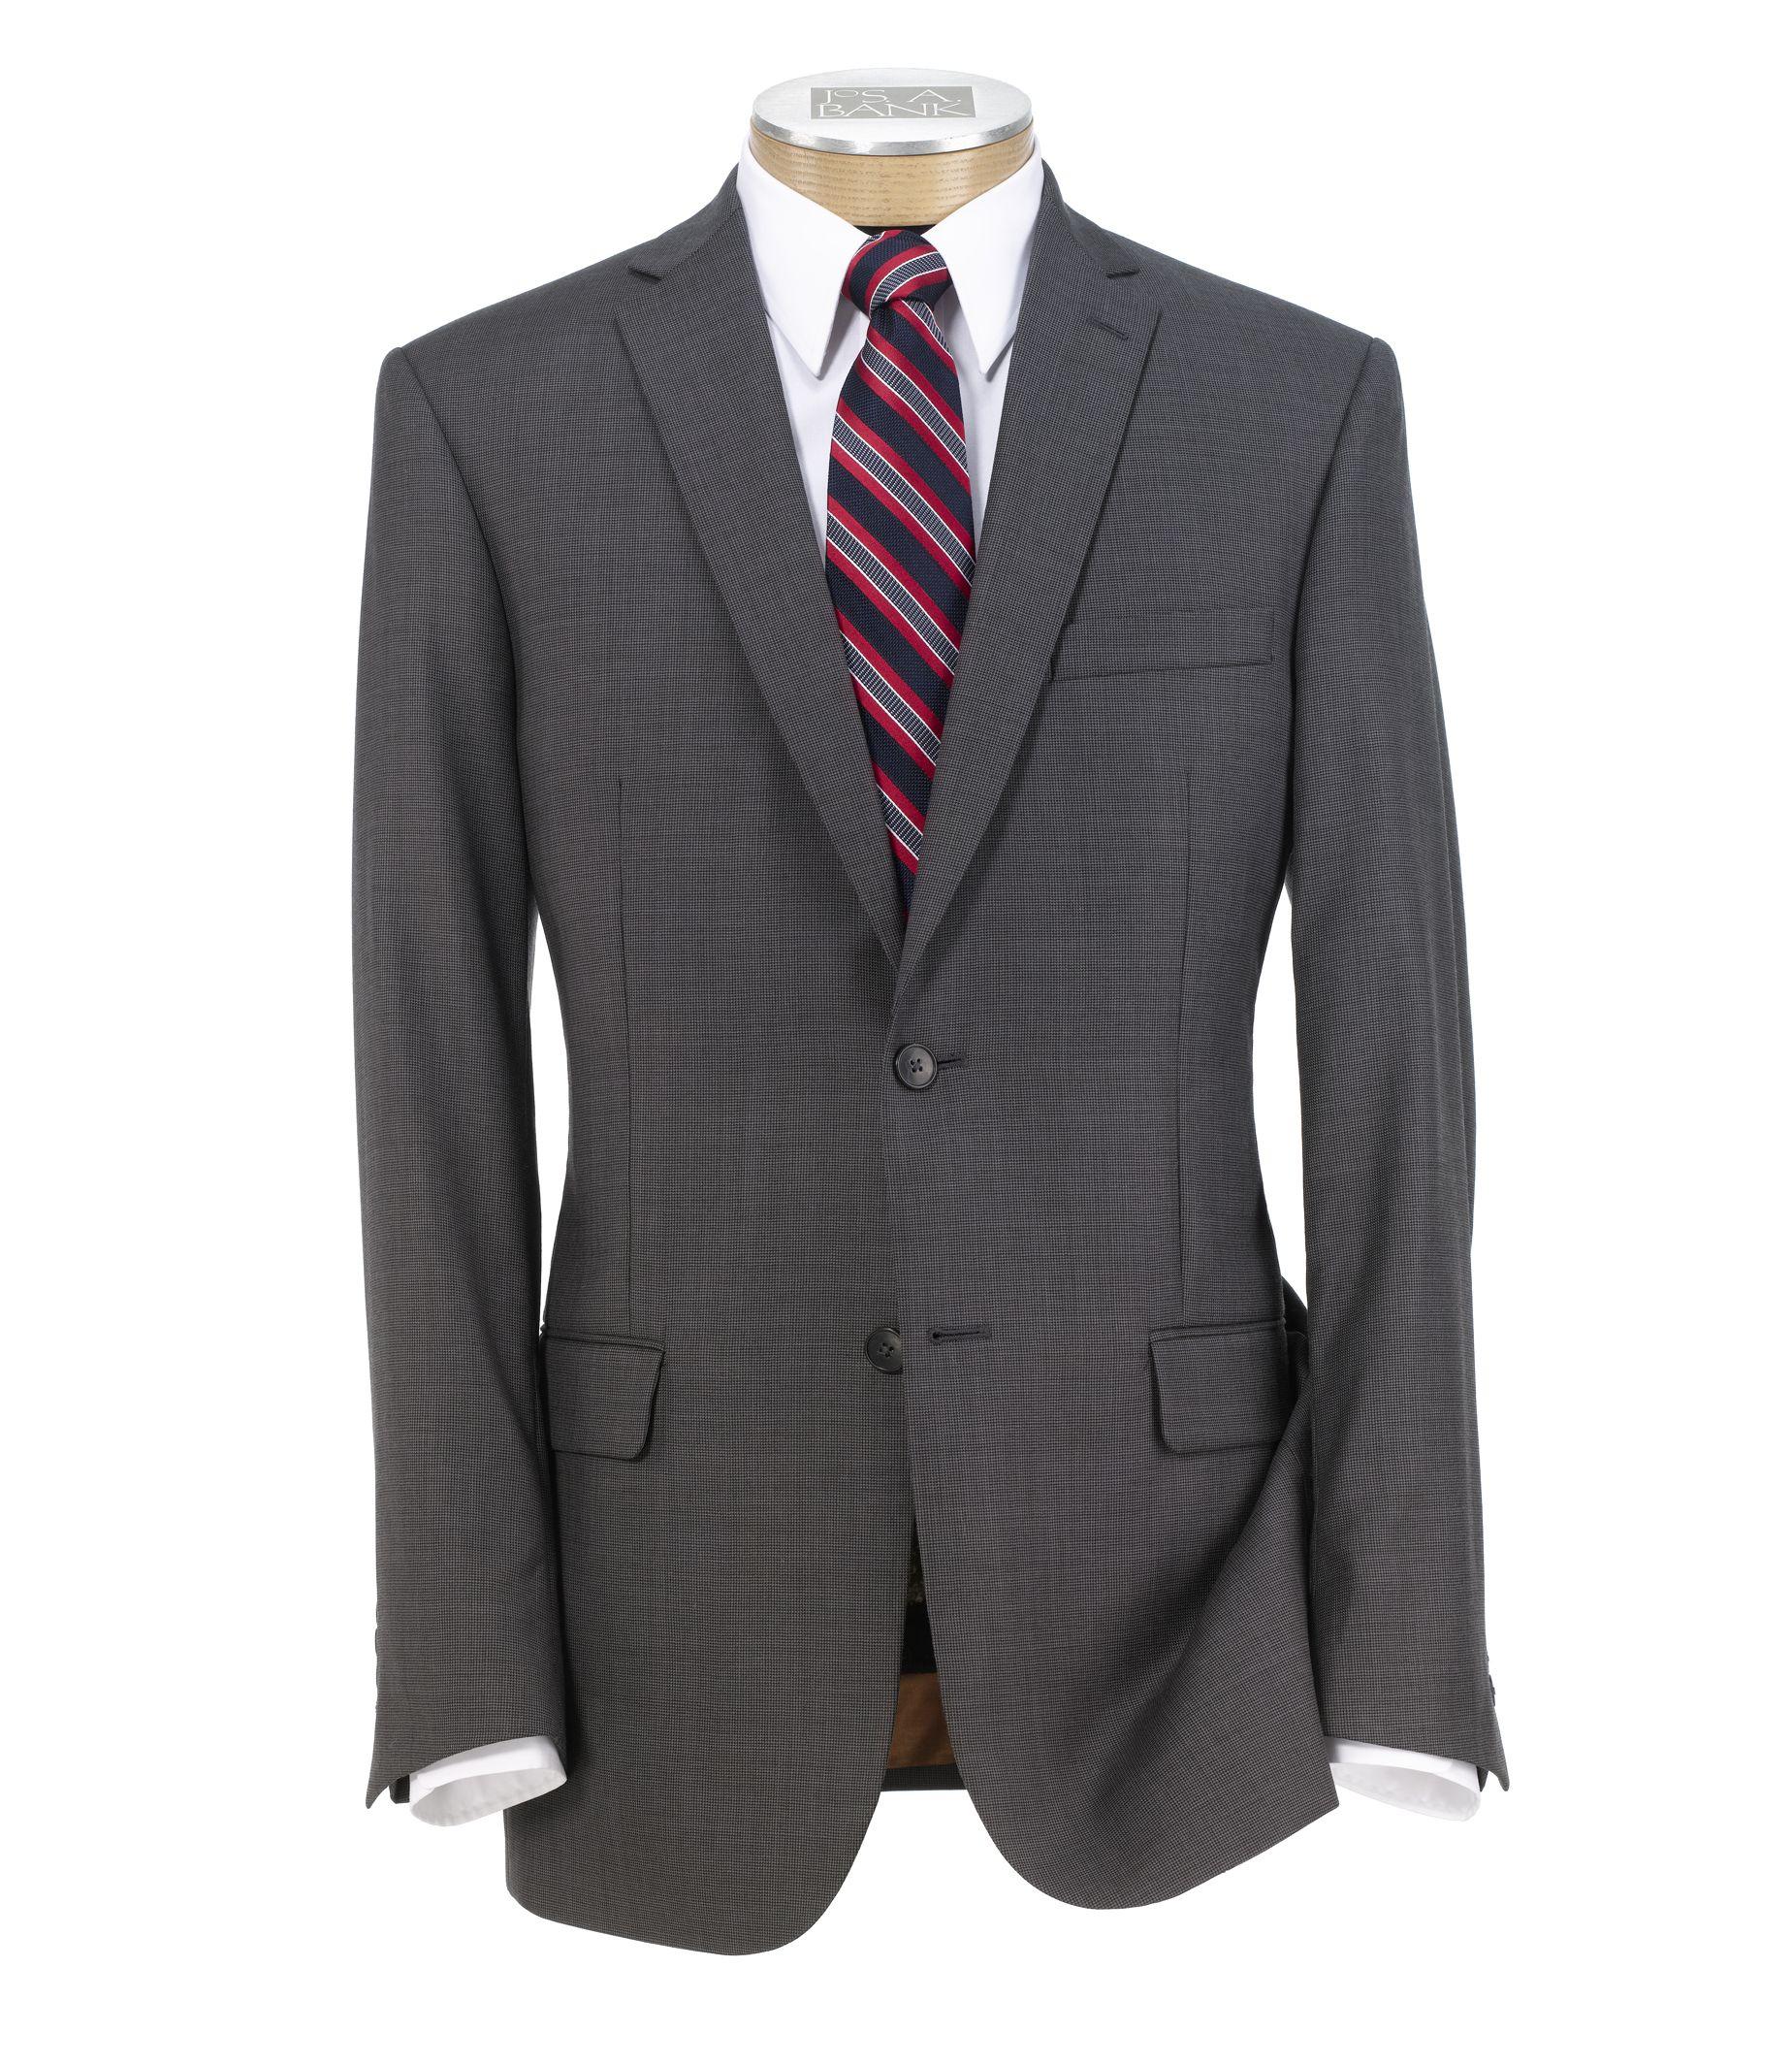 Joseph Slim Fit 2 Button Plain Front Wool Suit- Grey Mini Houndstoot